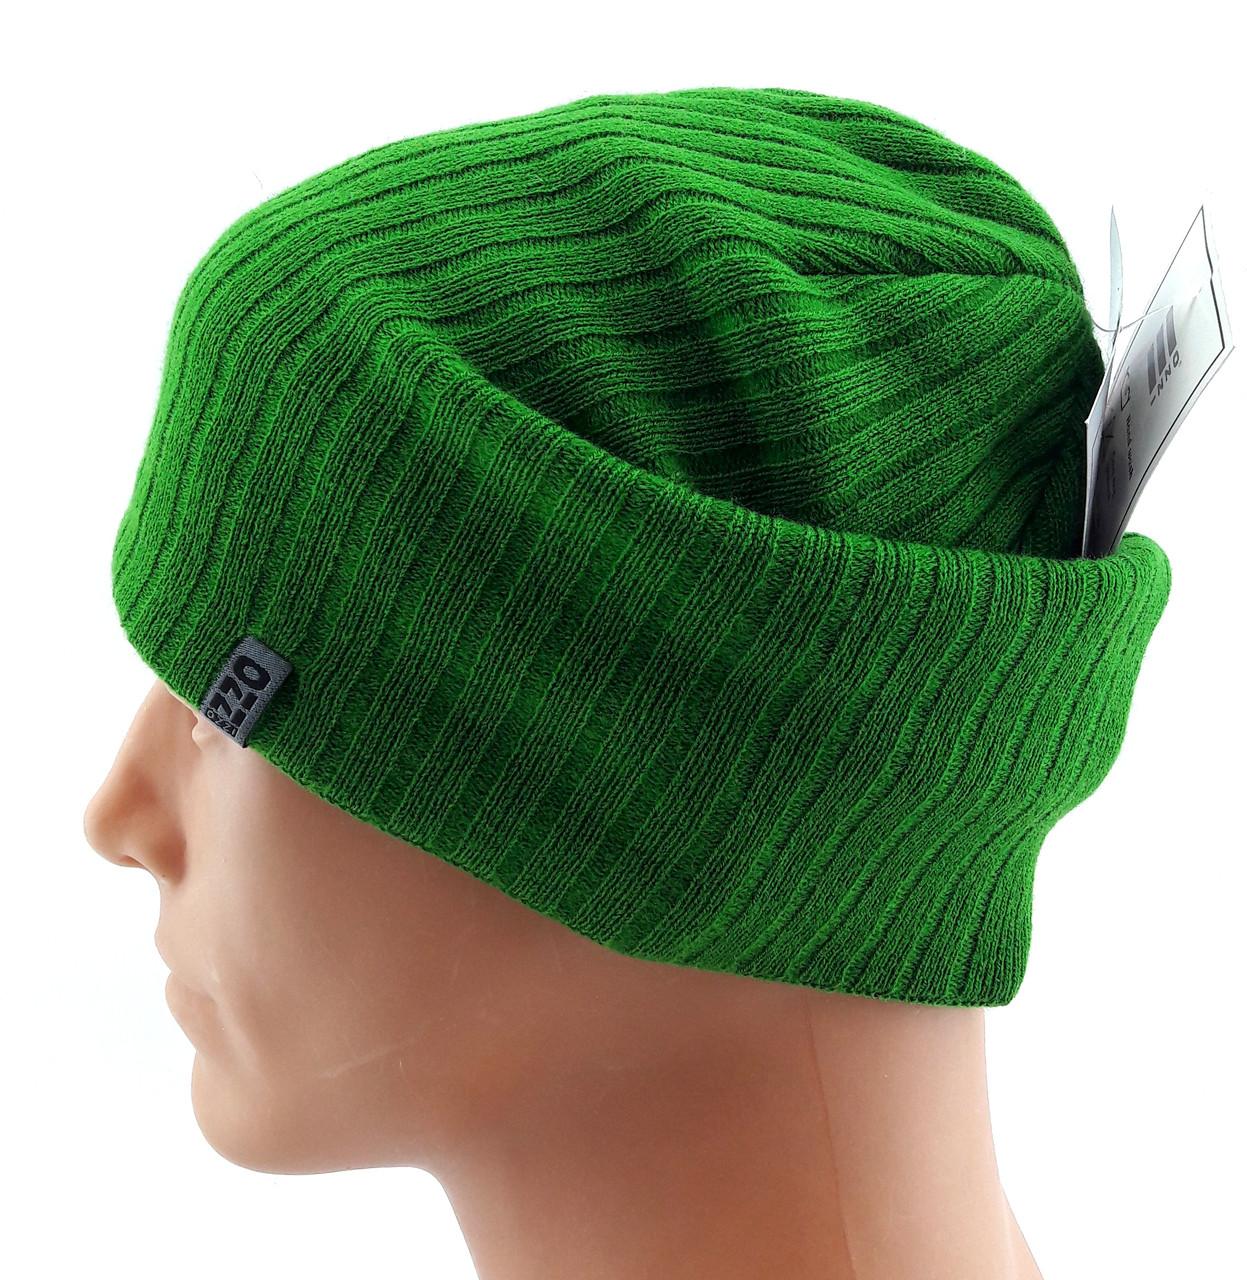 шапка вязаная чулок длинная польша Ozzi размер универсальный шбд24